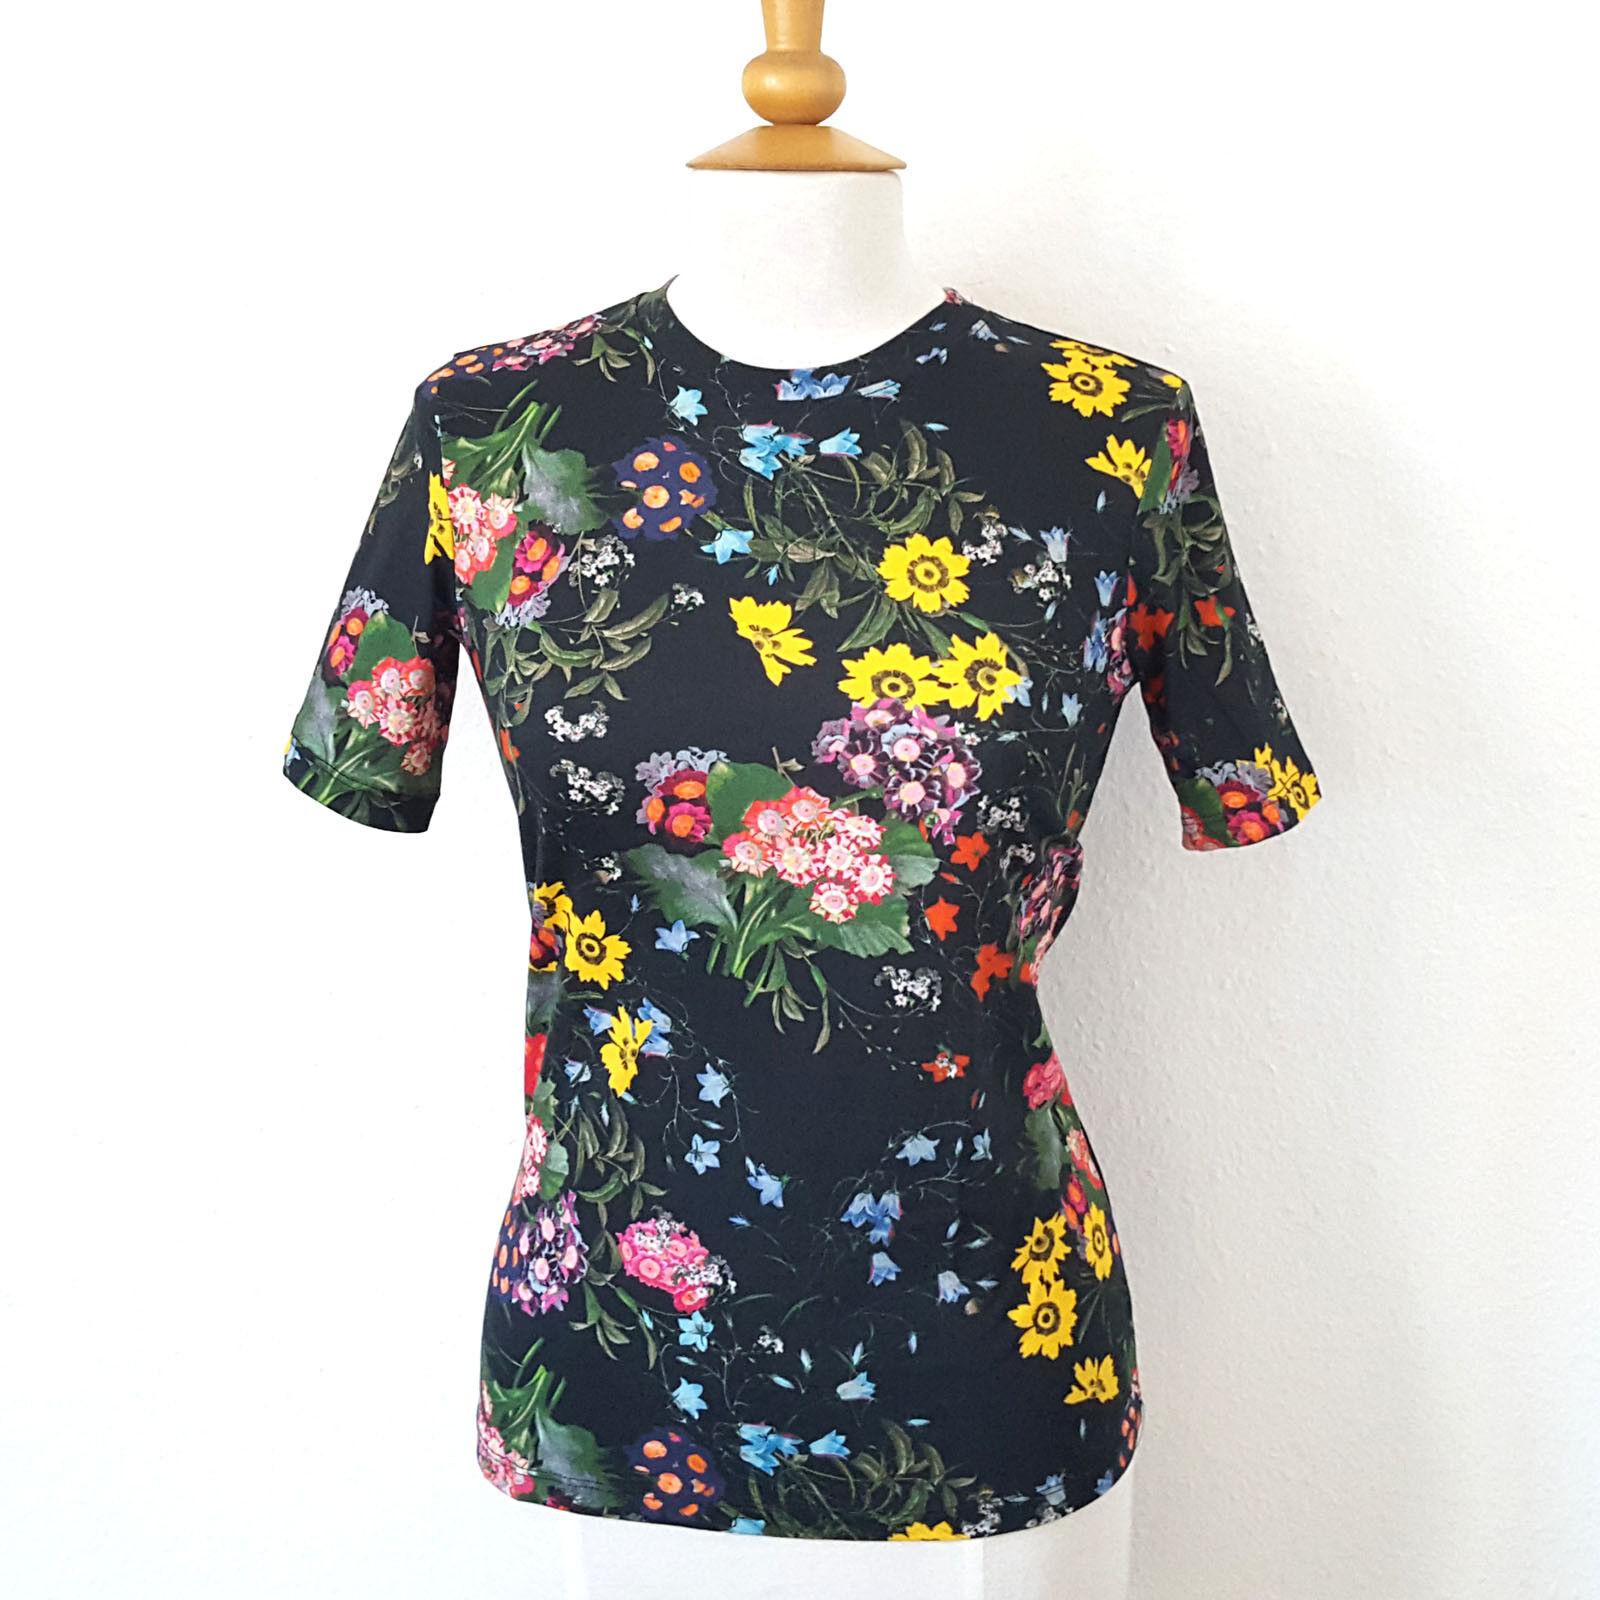 H&M X Erdem T-Shirt Conscious Bio Baumwolle floral gemustert schwarz XS Blause